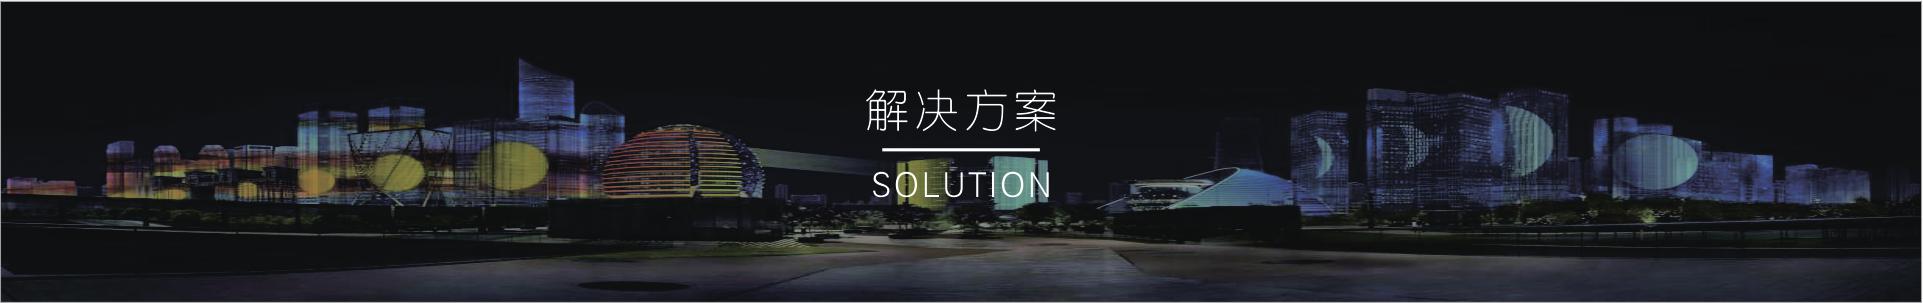 解决方案banner